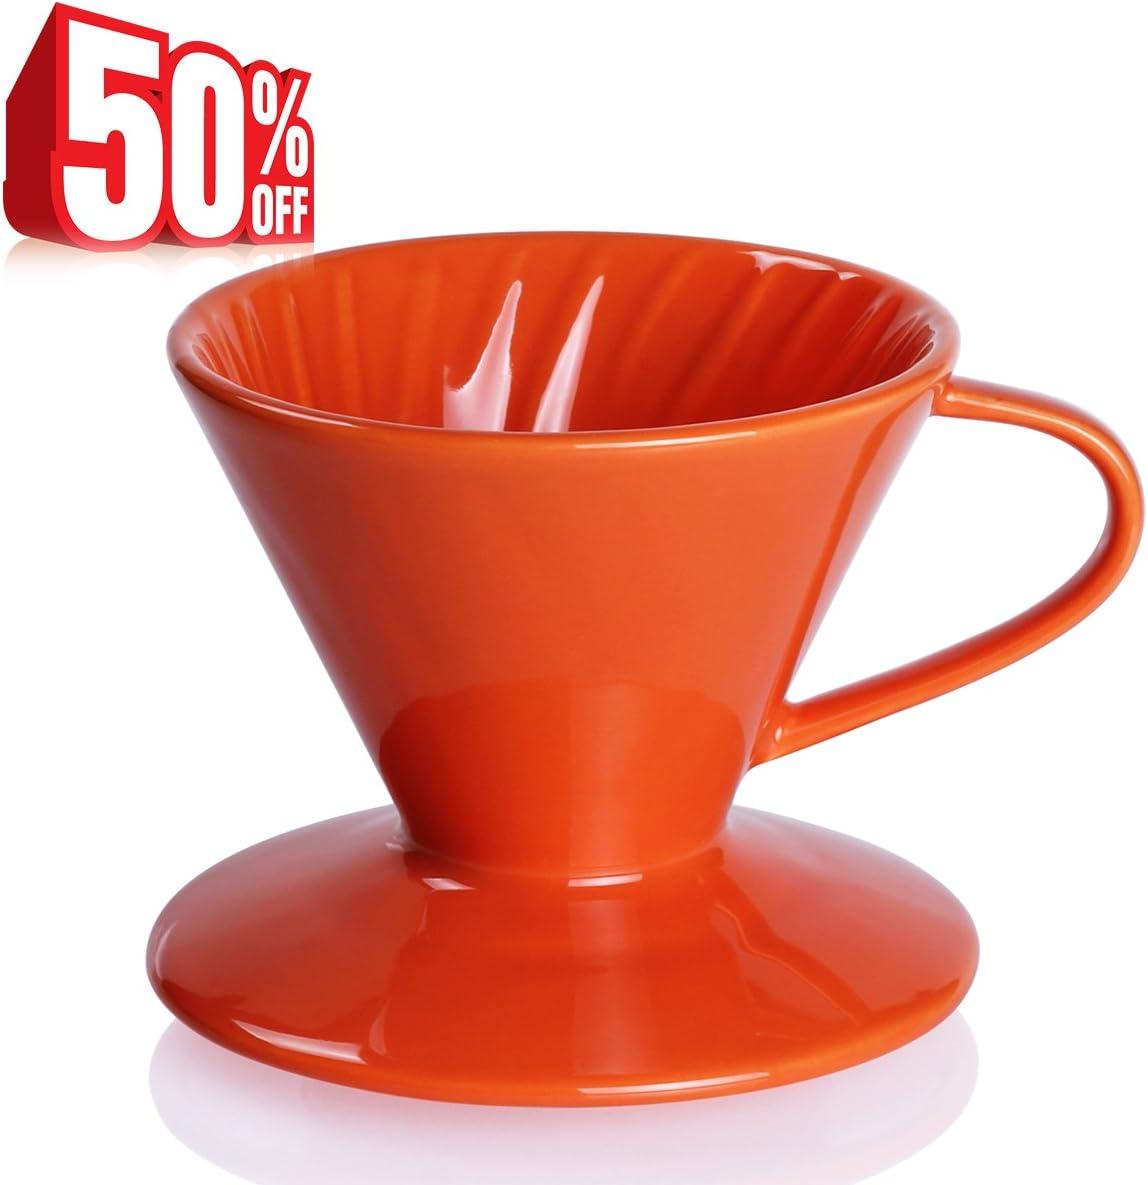 Filtro de goteo para cafetera de porcelana – por SWEESE naranja ...